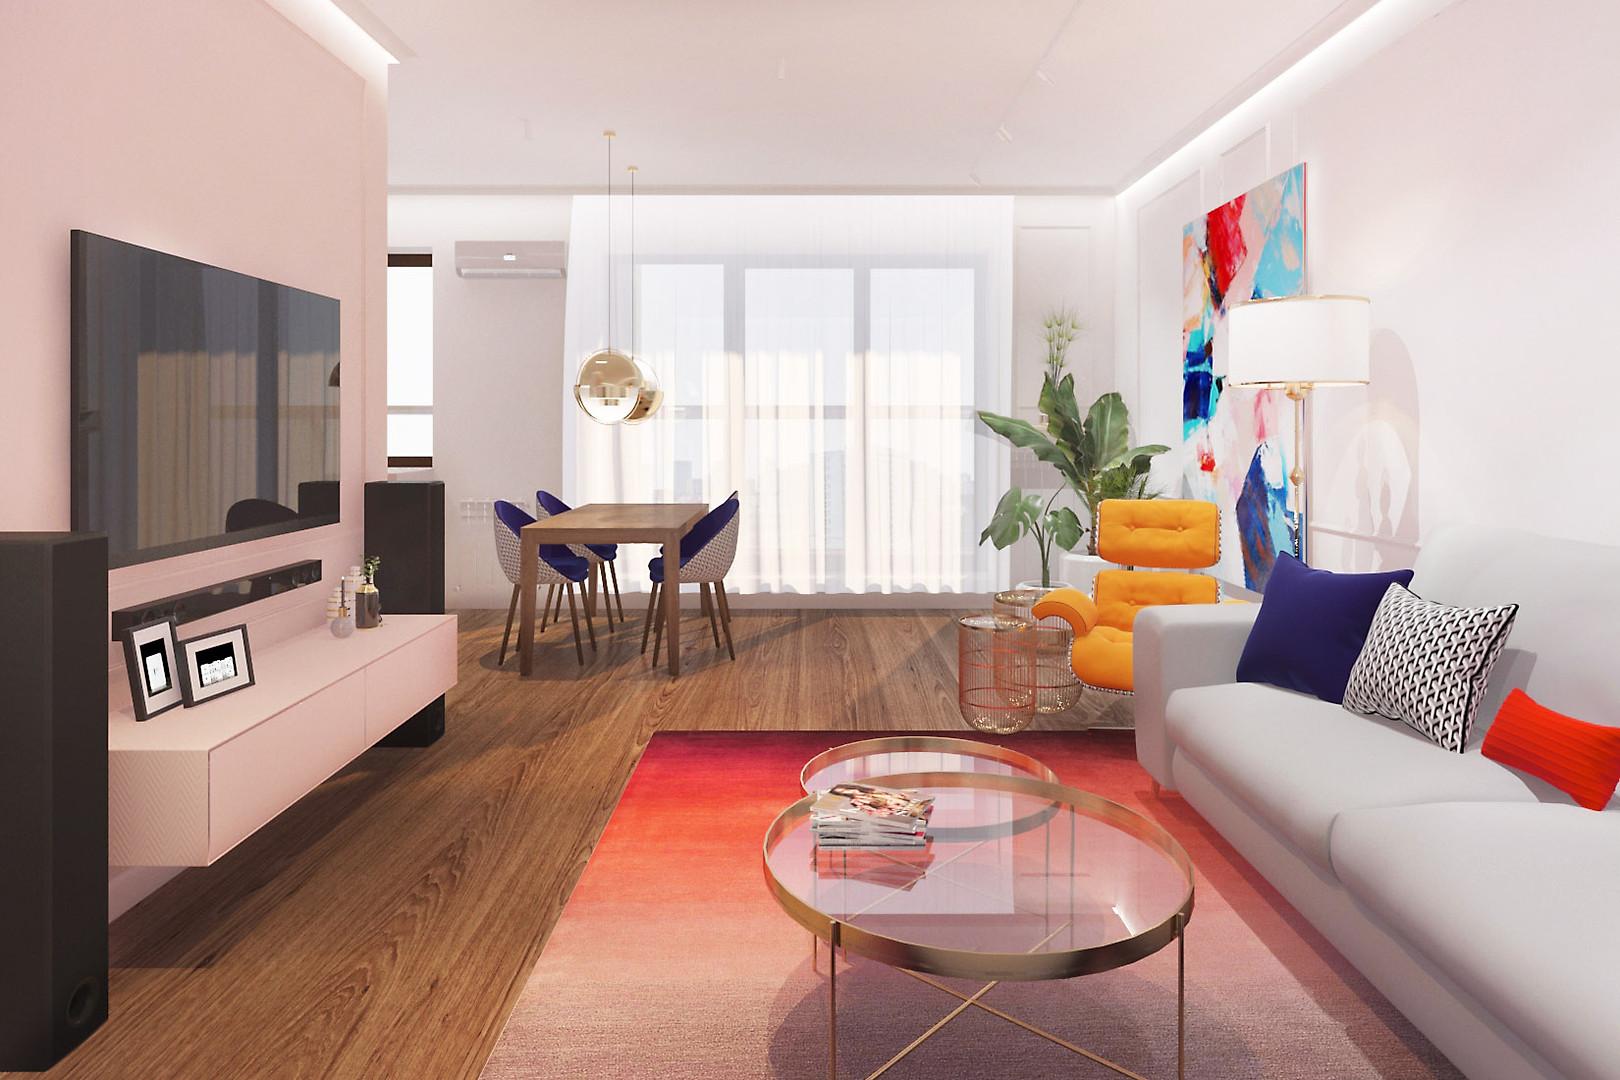 colorful_livingroom (1).jpg